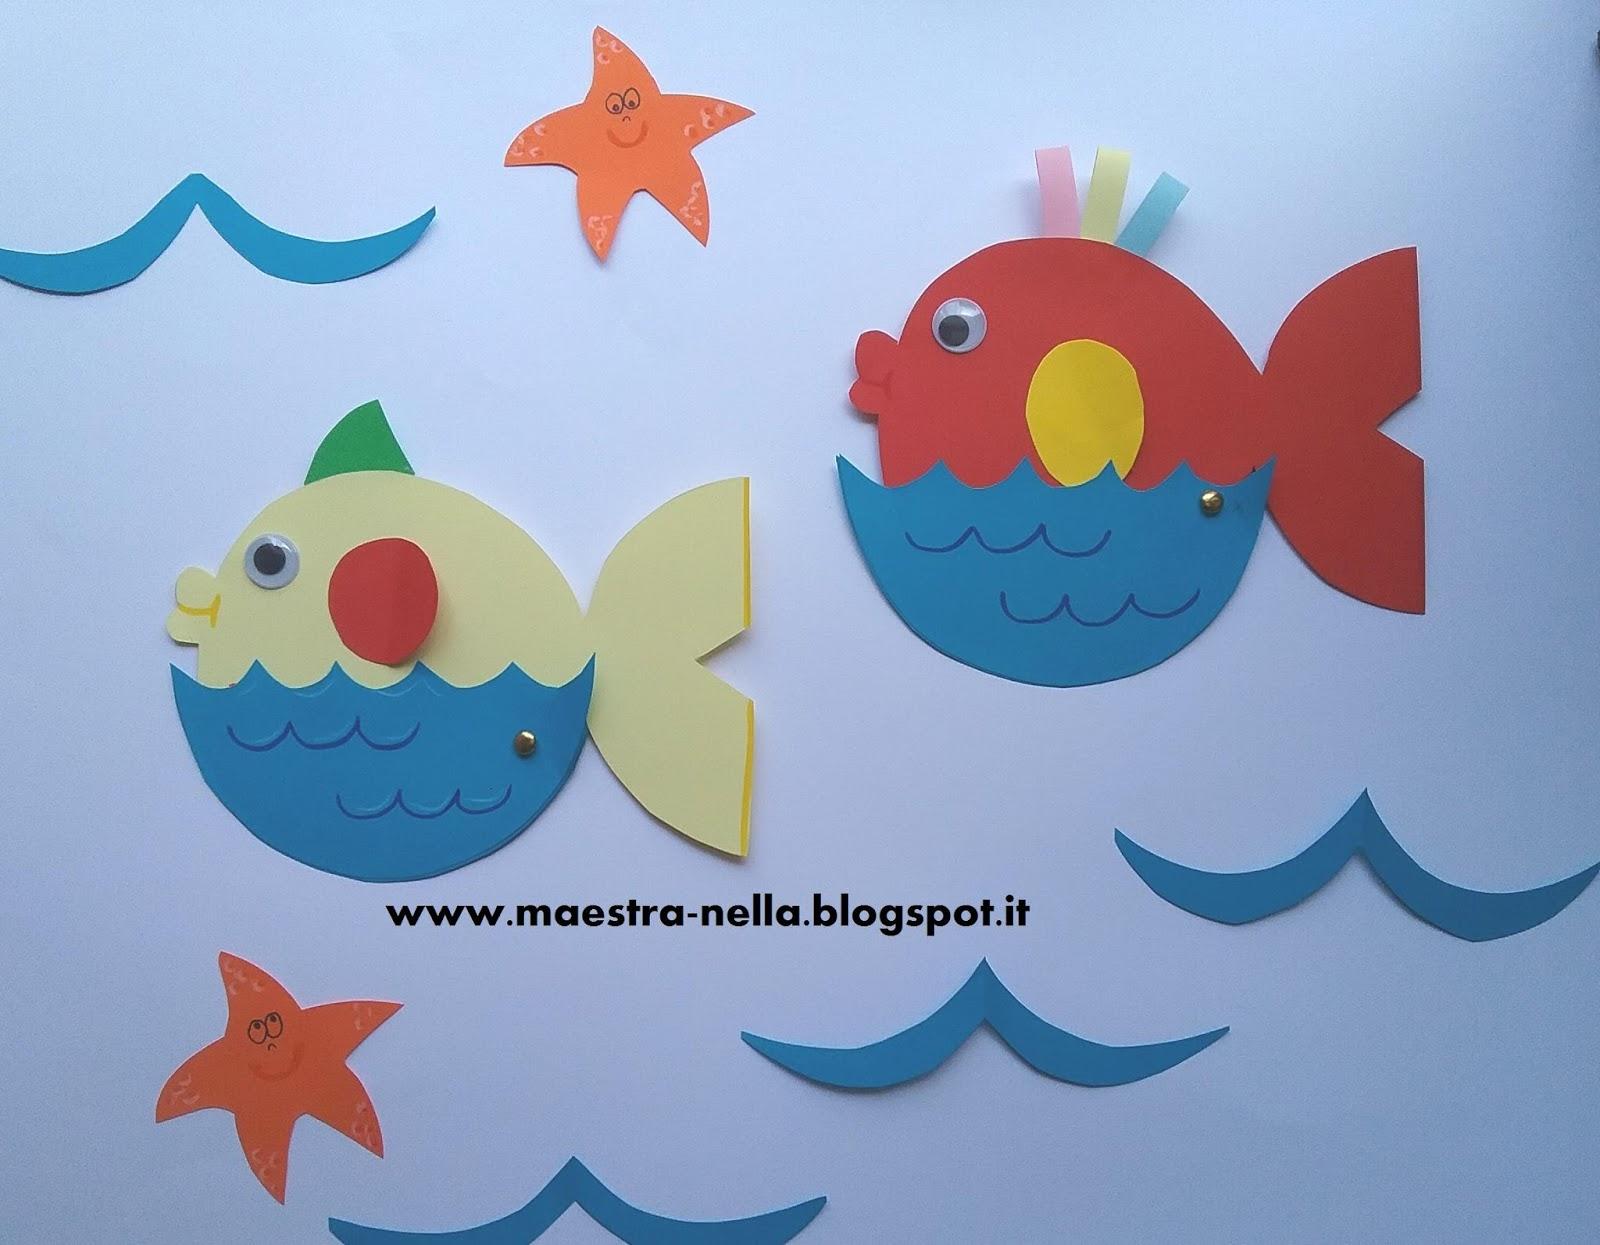 Maestra nella pesciolini di benvenuto 2 for Maestra valentina accoglienza